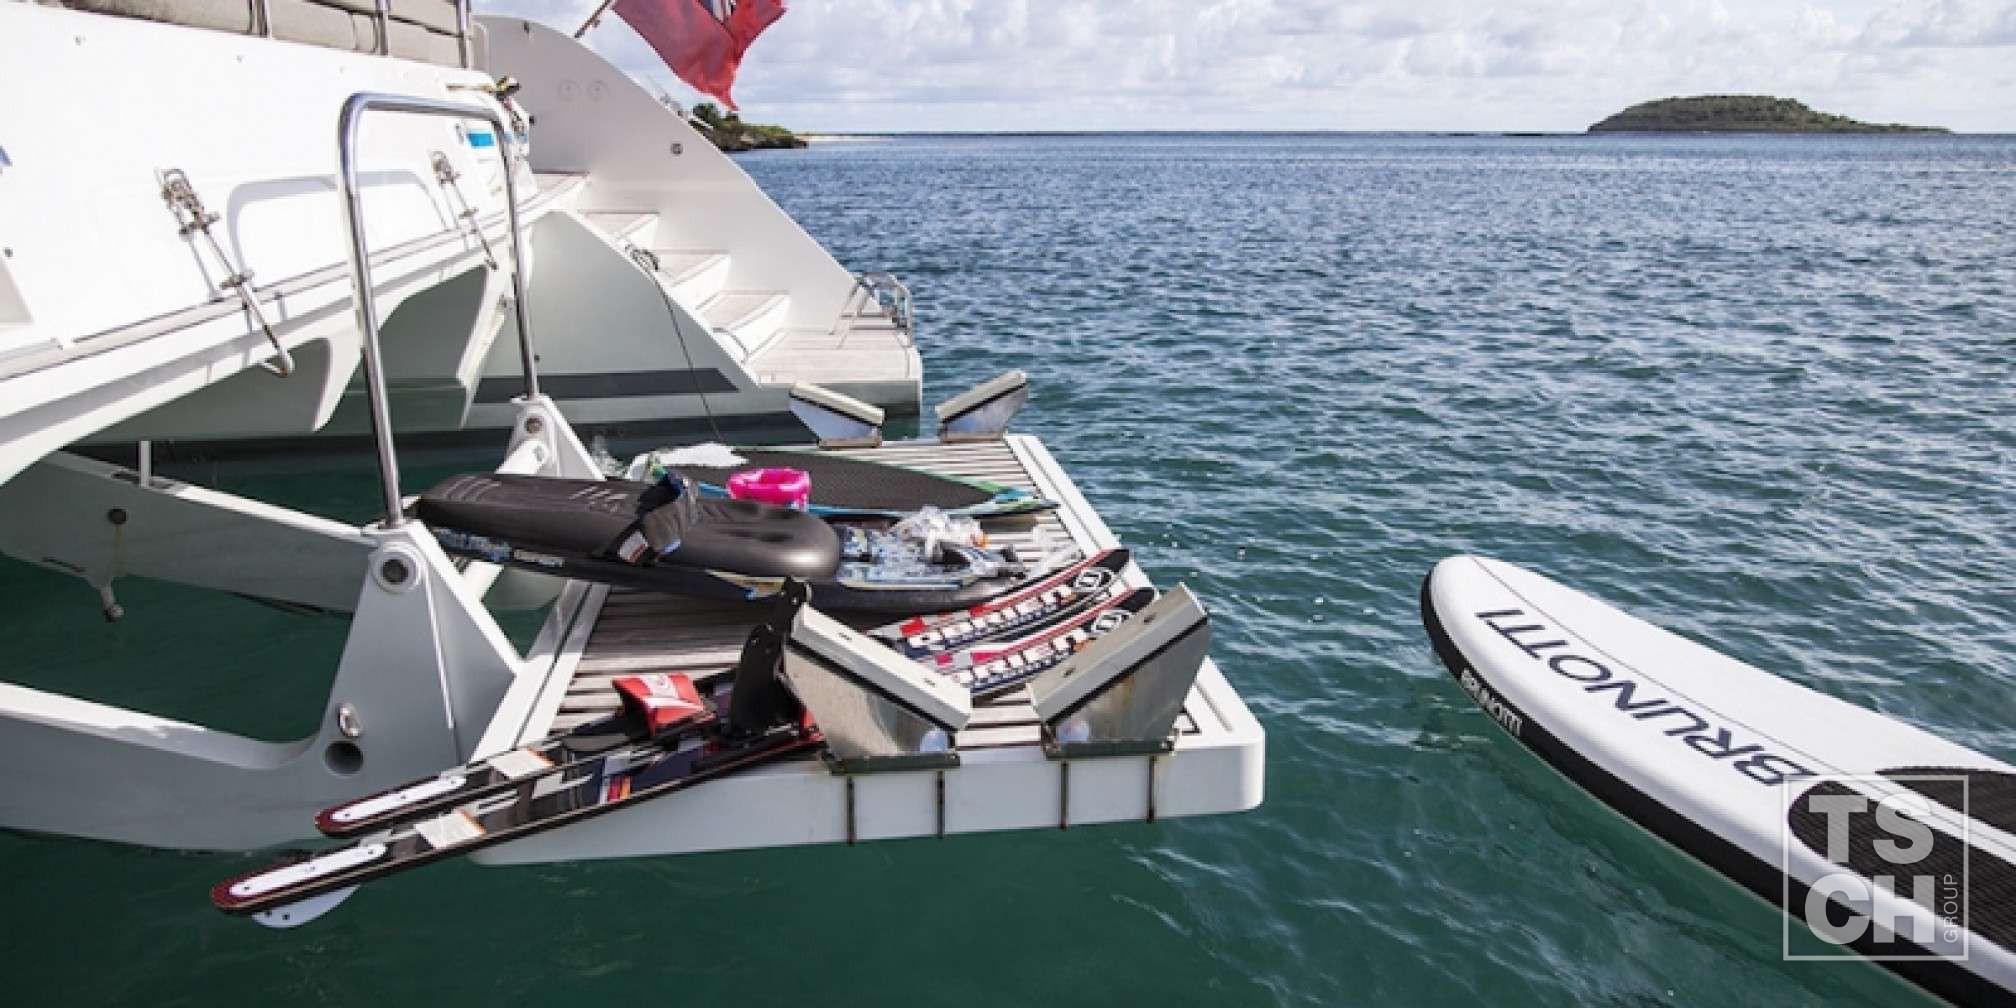 Vacoa Catamaran de Lujo Juegos de agua